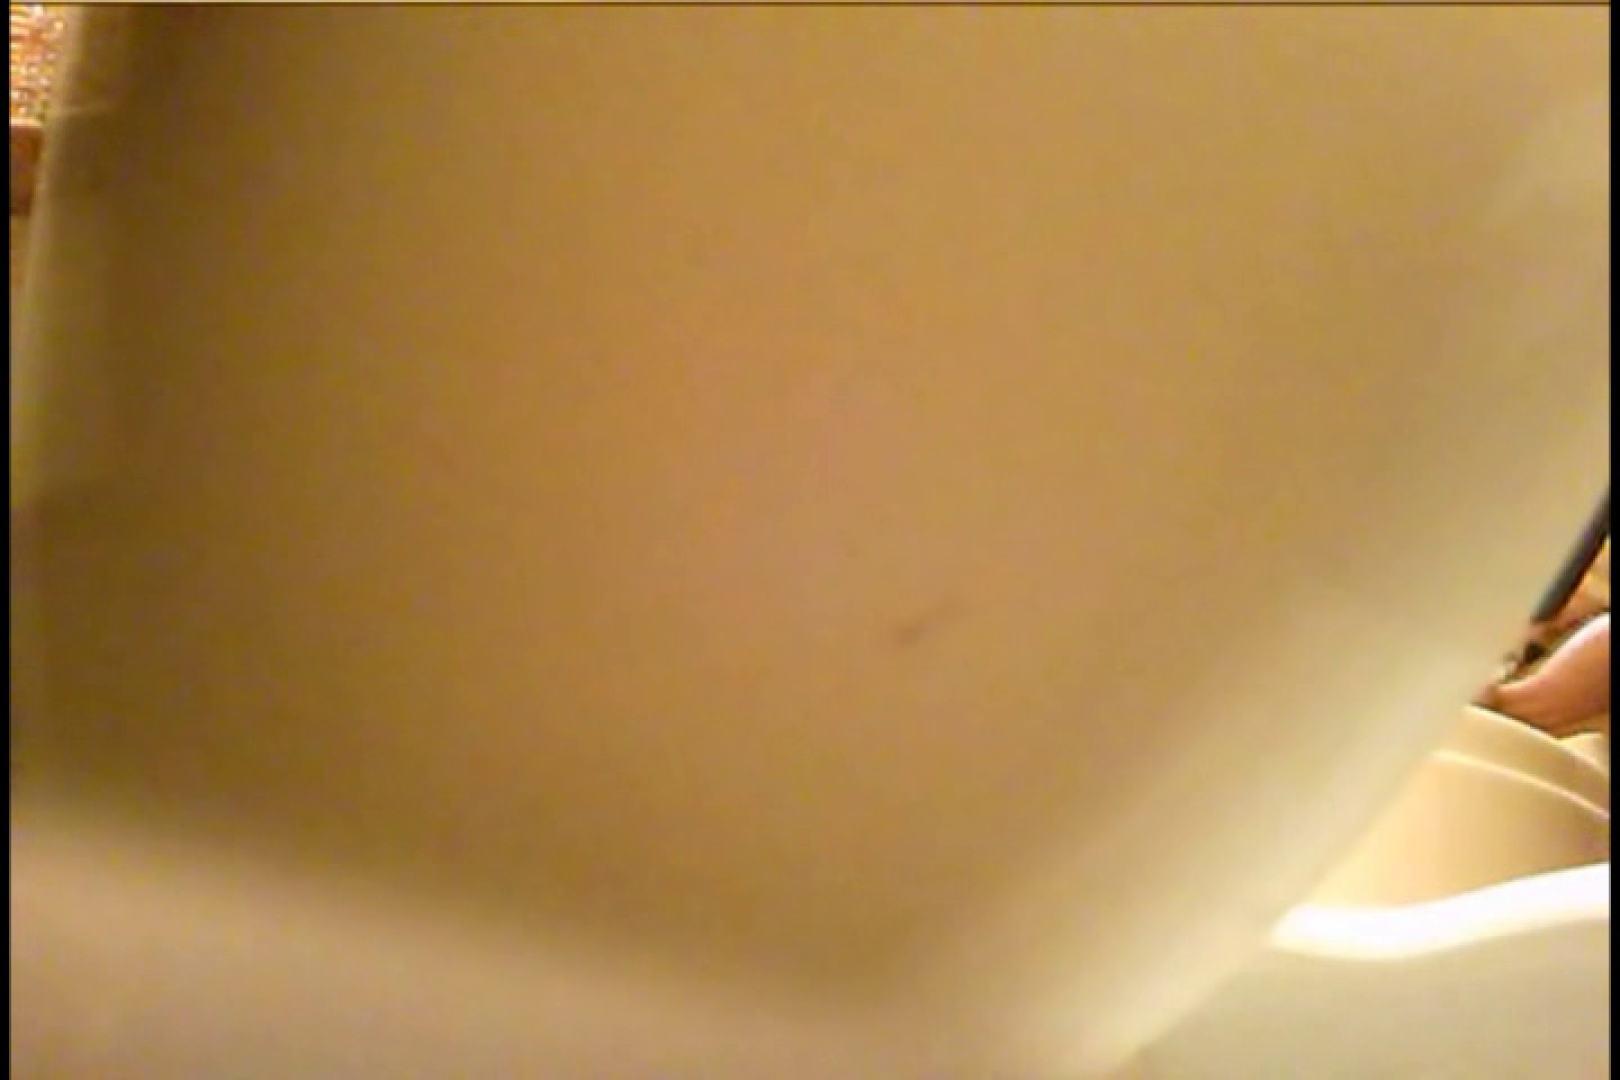 画質向上!新亀さん厠 vol.80 厠 隠し撮りオマンコ動画紹介 97連発 22